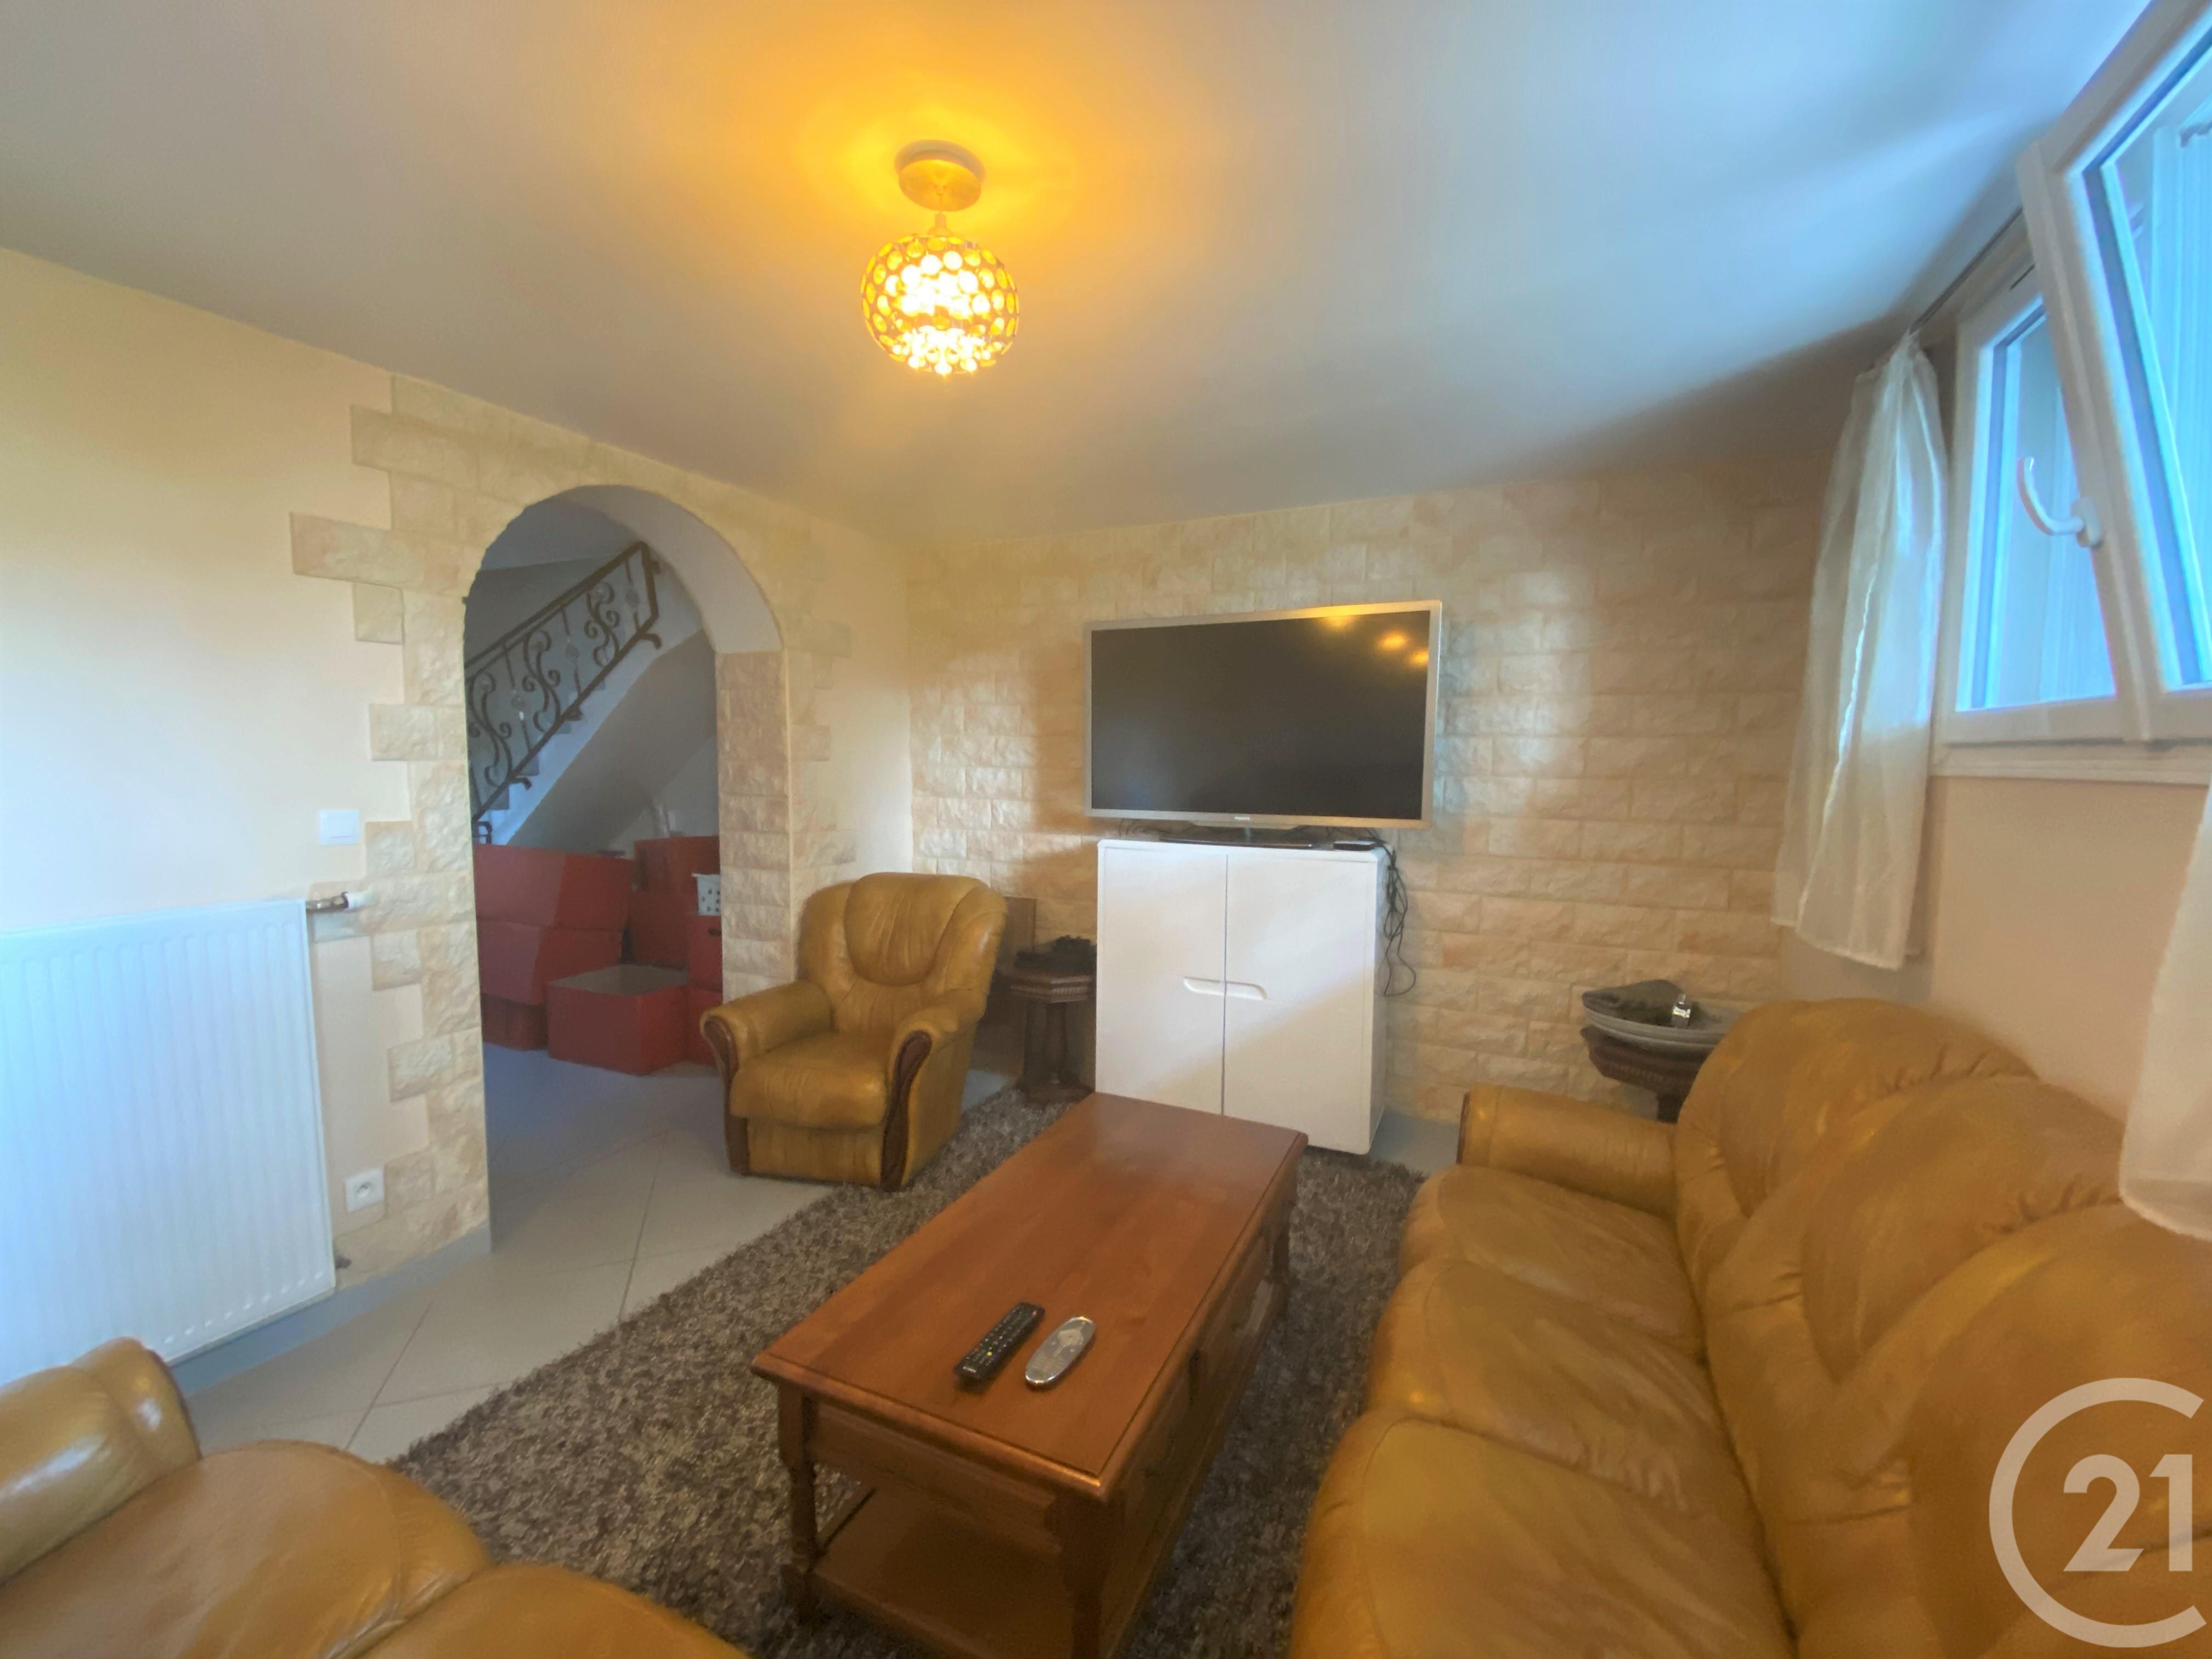 Maison A Vendre 5 Pieces 119 0 M2 Laval 53 Pays De Loire Century 21 Dreano Immobilier